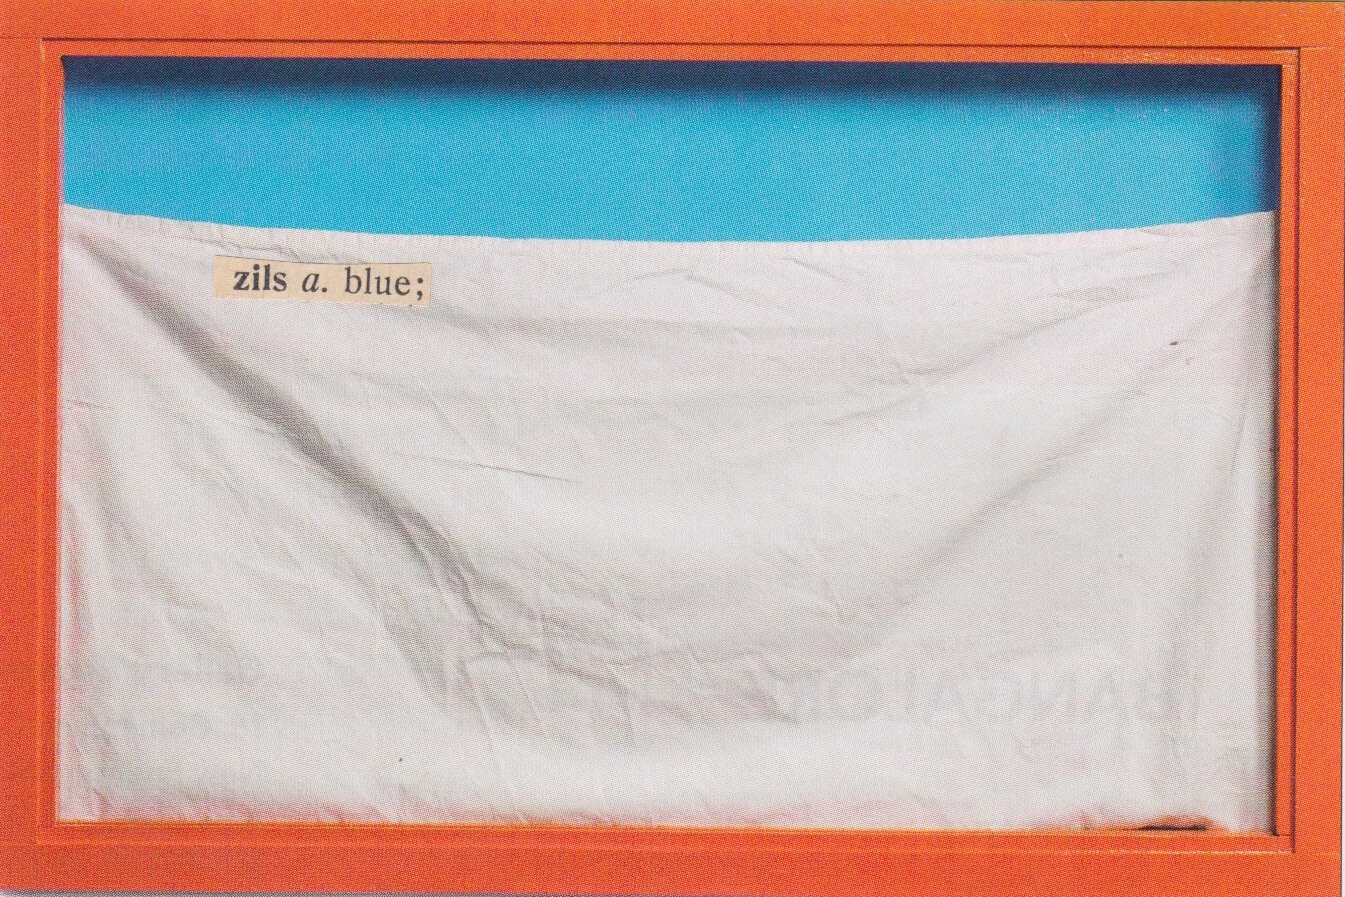 blue = zils -